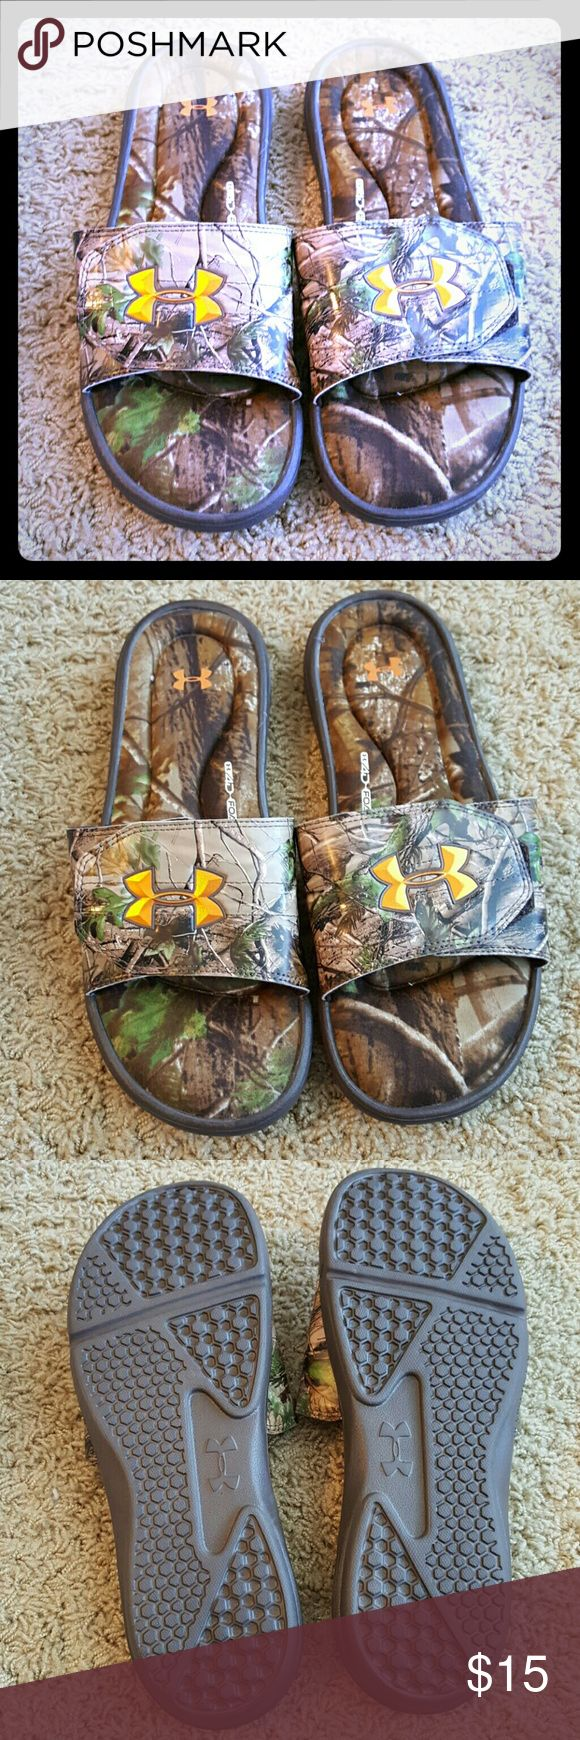 Men's Under Armour Camo Slides EUC size 11. Under Armour Shoes Sandals & Flip-Flops